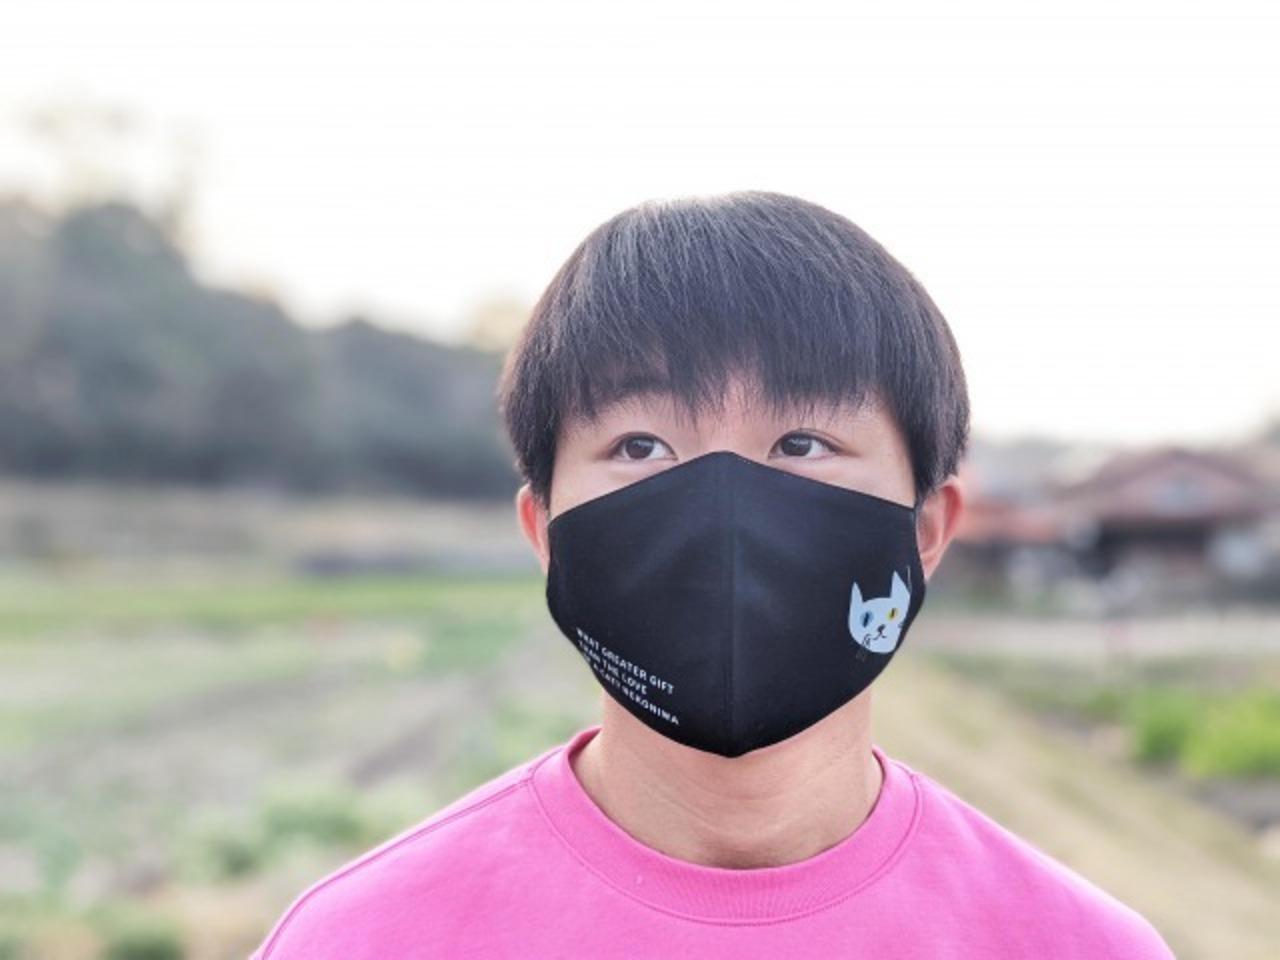 【NEW】にゃーろんマスク 3枚セット ≪全国送料無料≫ 選べる42パターン!!